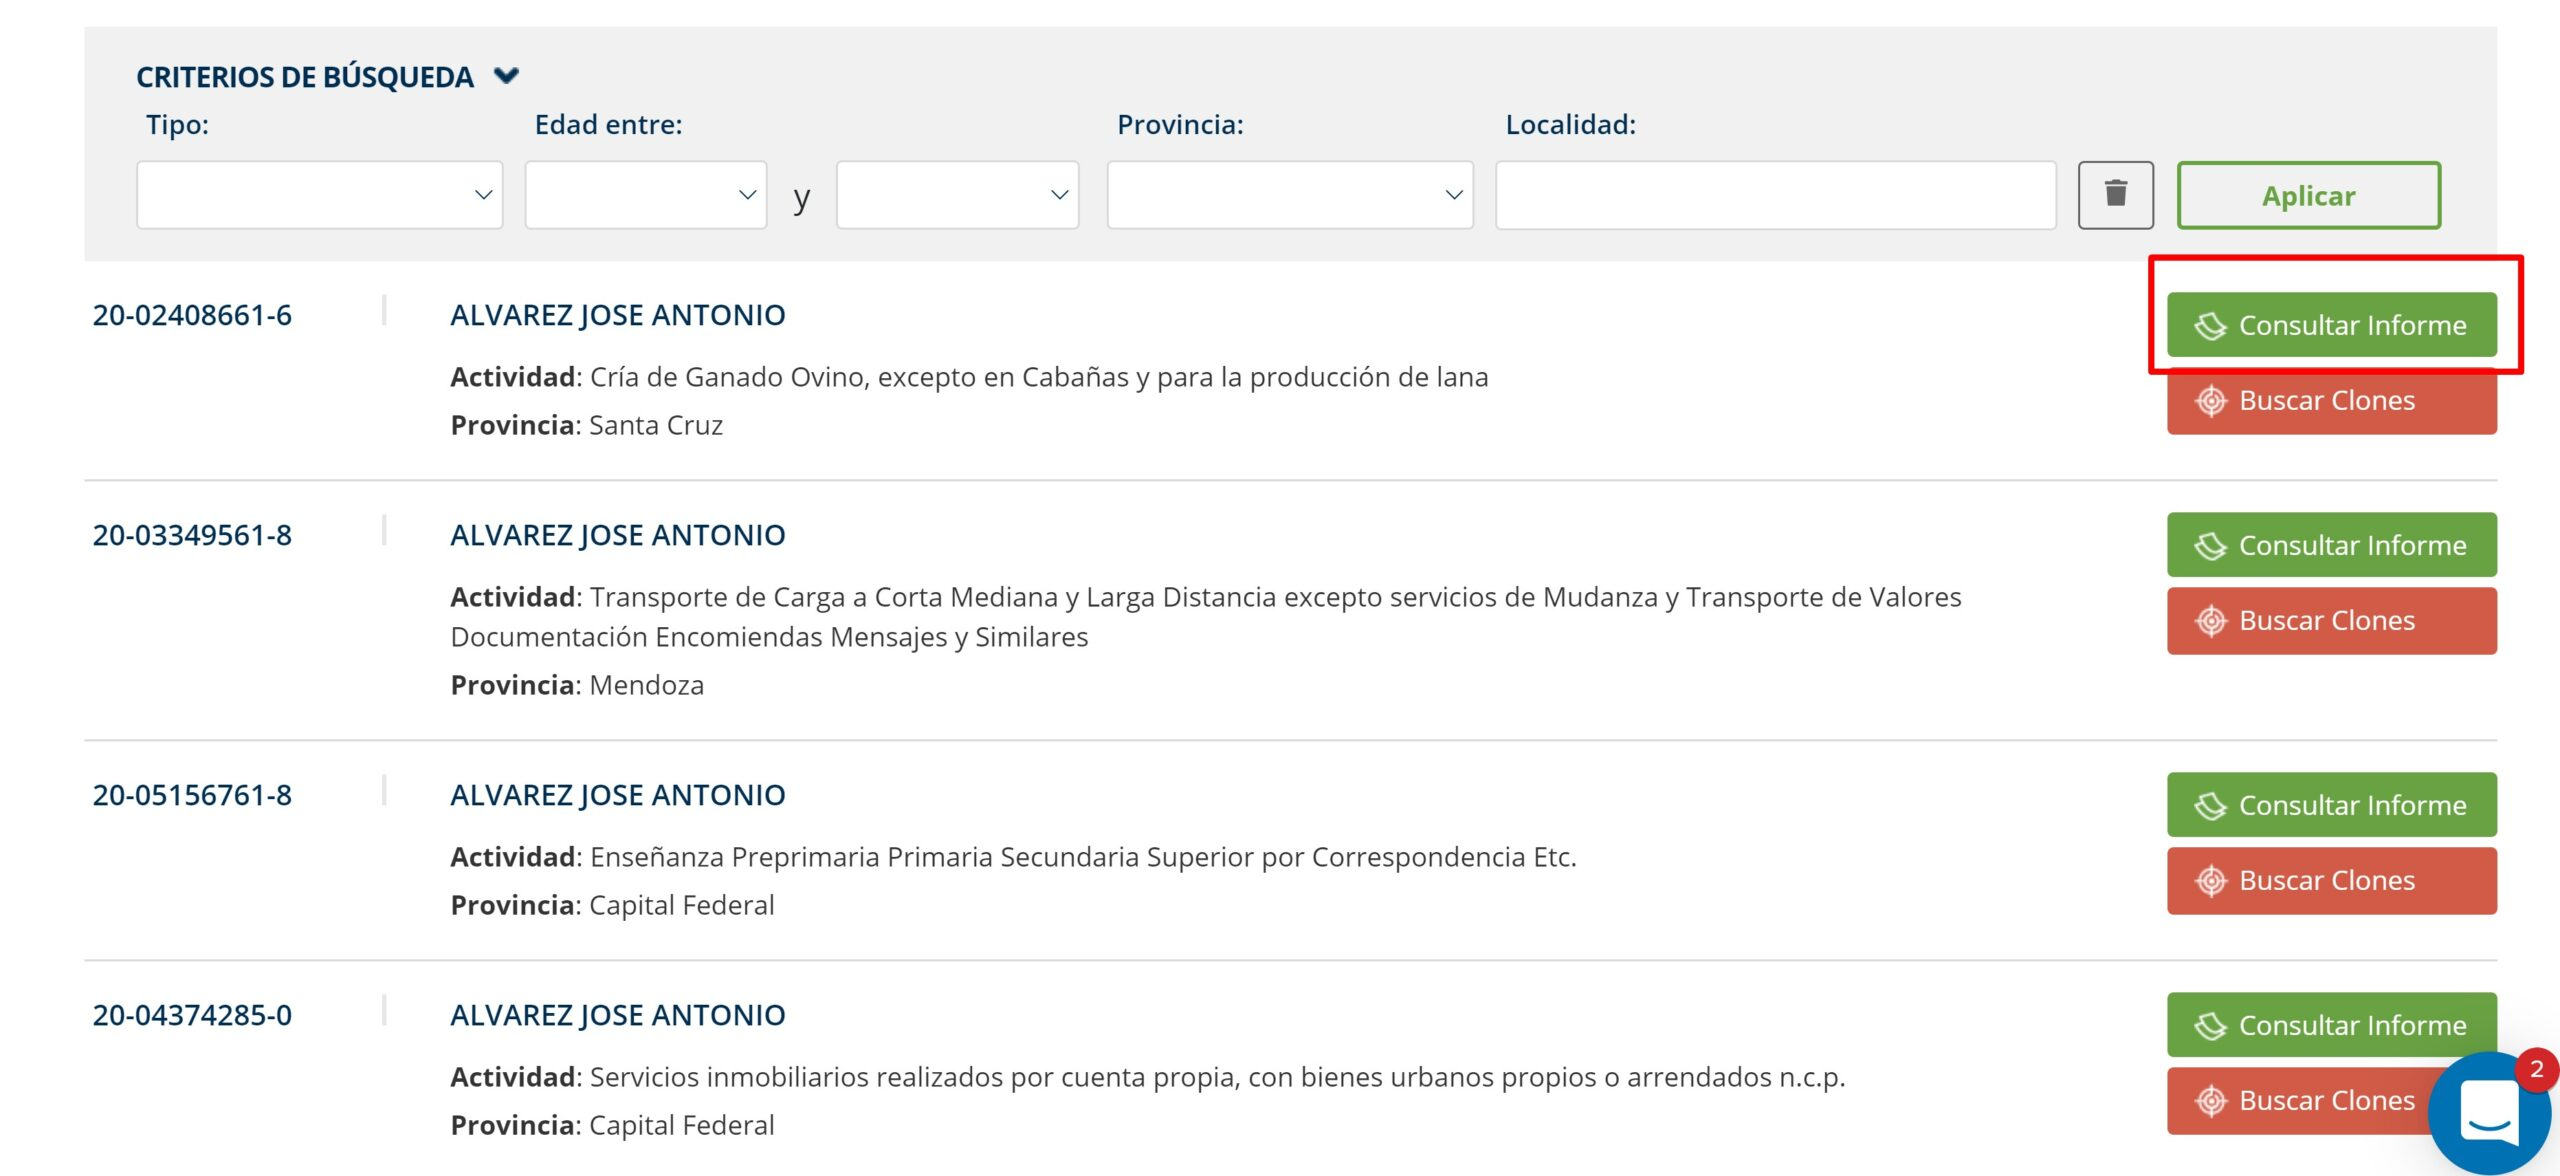 Base de datos de personas en Argentina